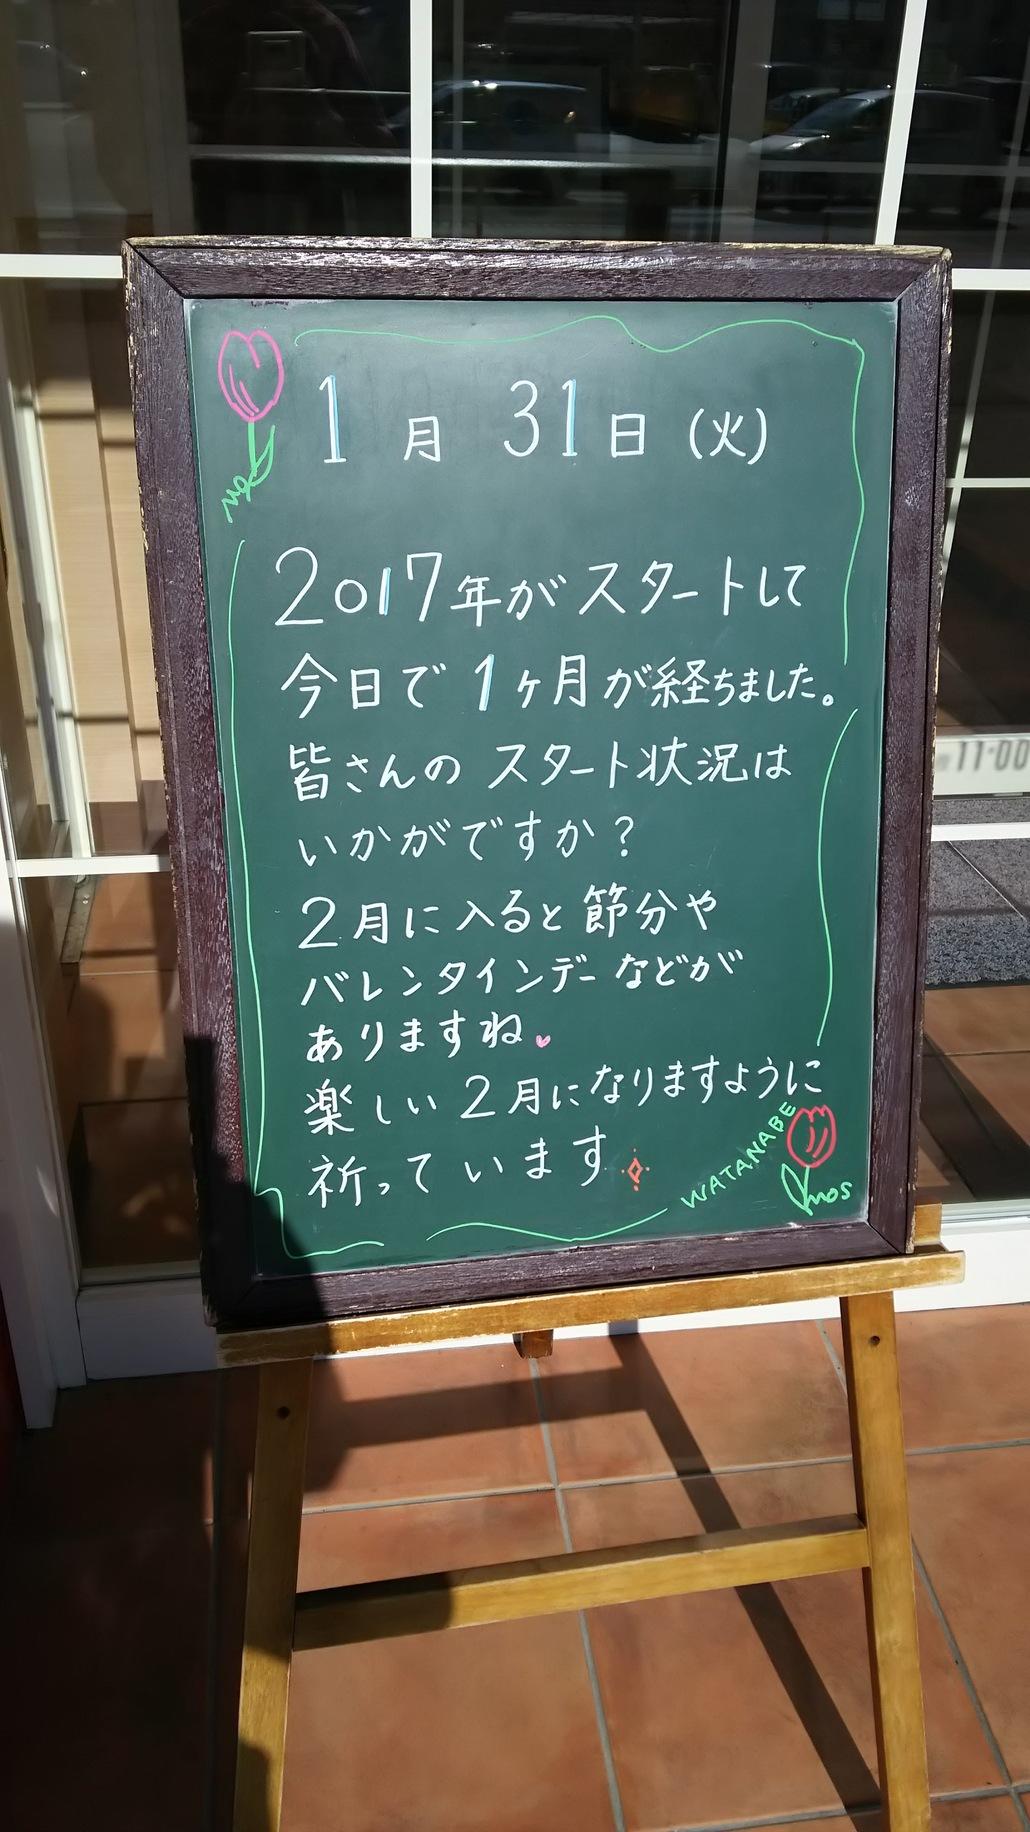 モスバーガー 鹿沼店 name=